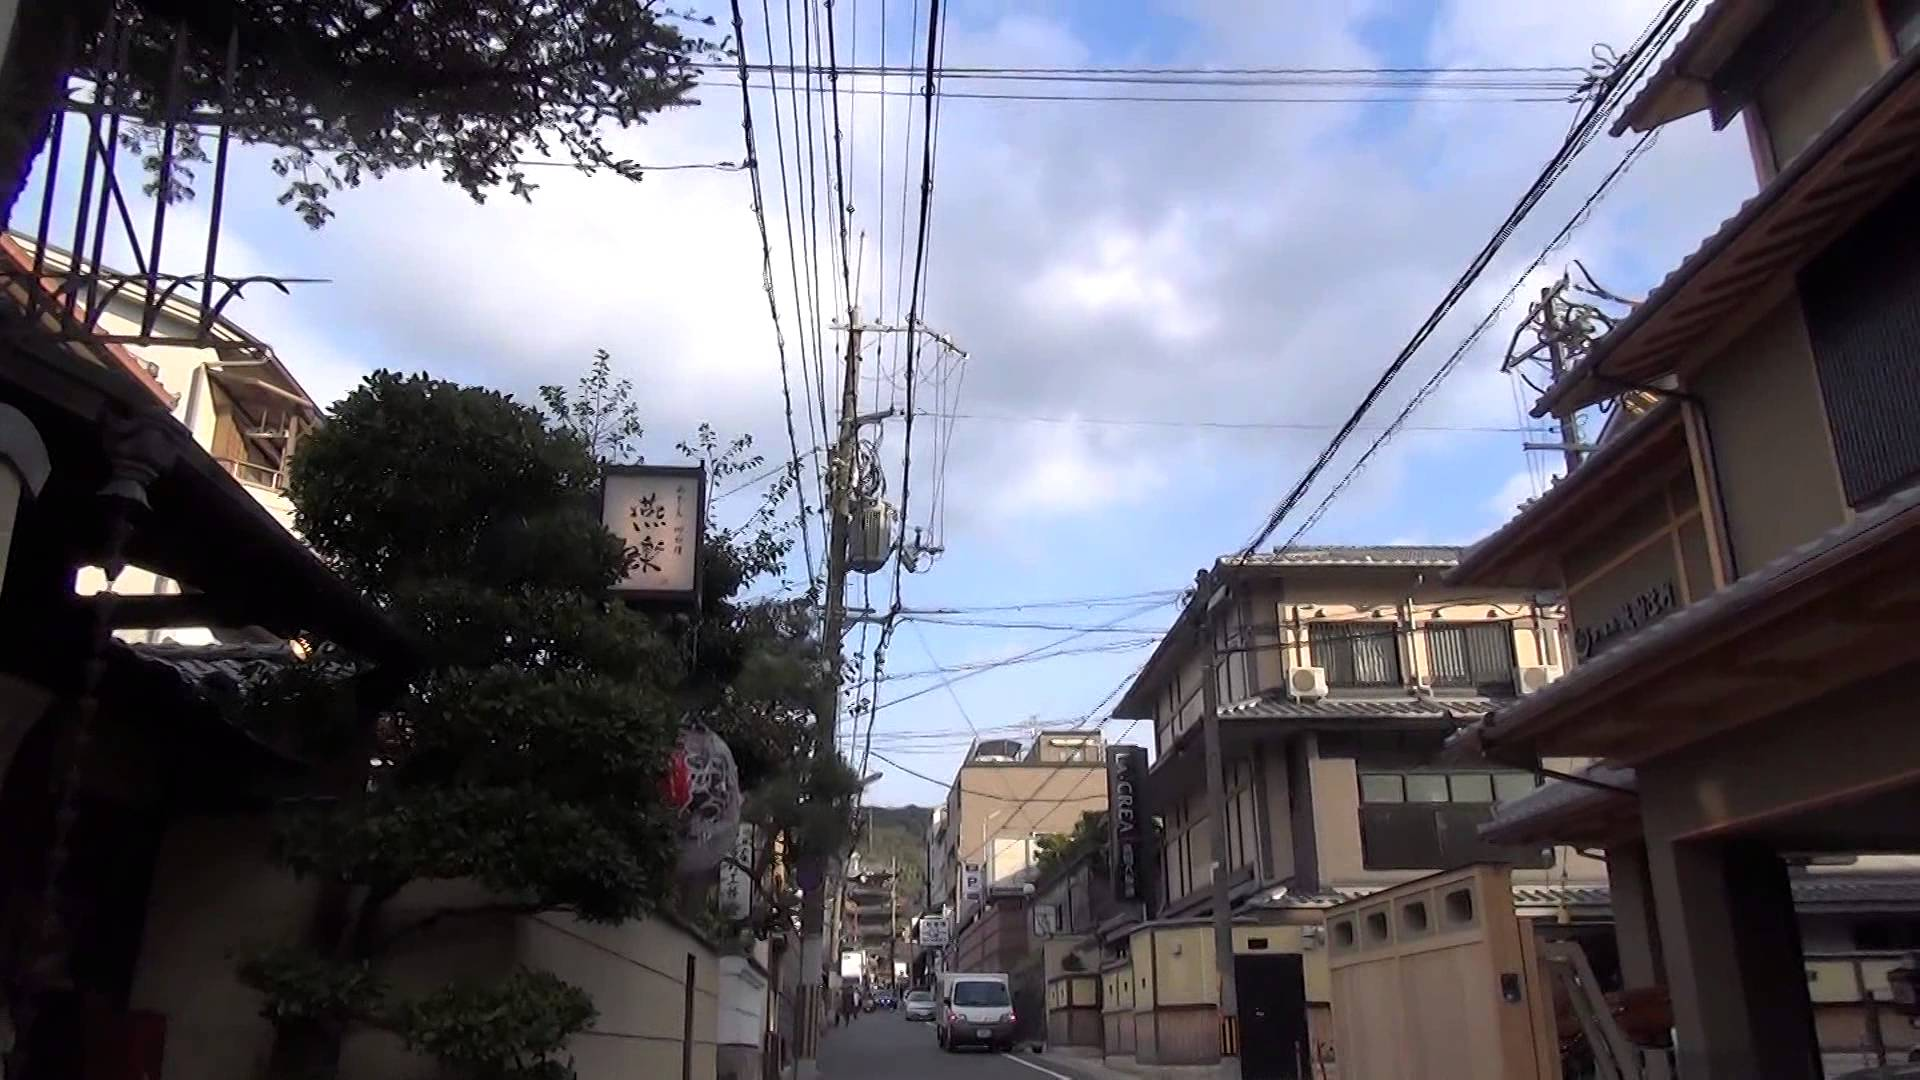 八坂の塔(法観寺)編1 建仁寺の周りをさまよっていると巨大な塔を発見